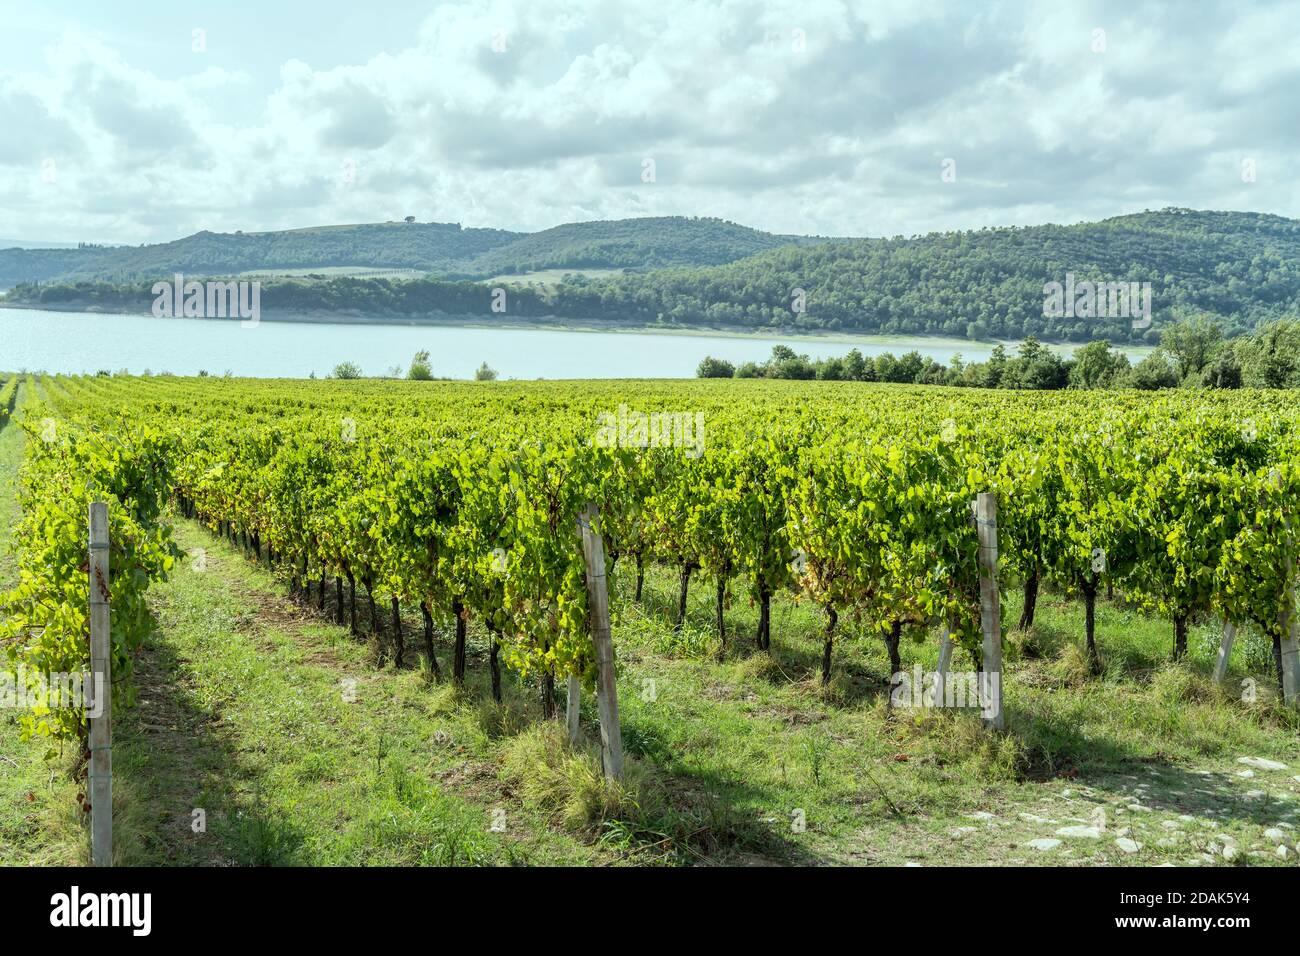 Rangées de vignes dans un paysage rustique vert près de la rive, prises en lumière vive au lac Corbara, Ombrie, Italie Banque D'Images